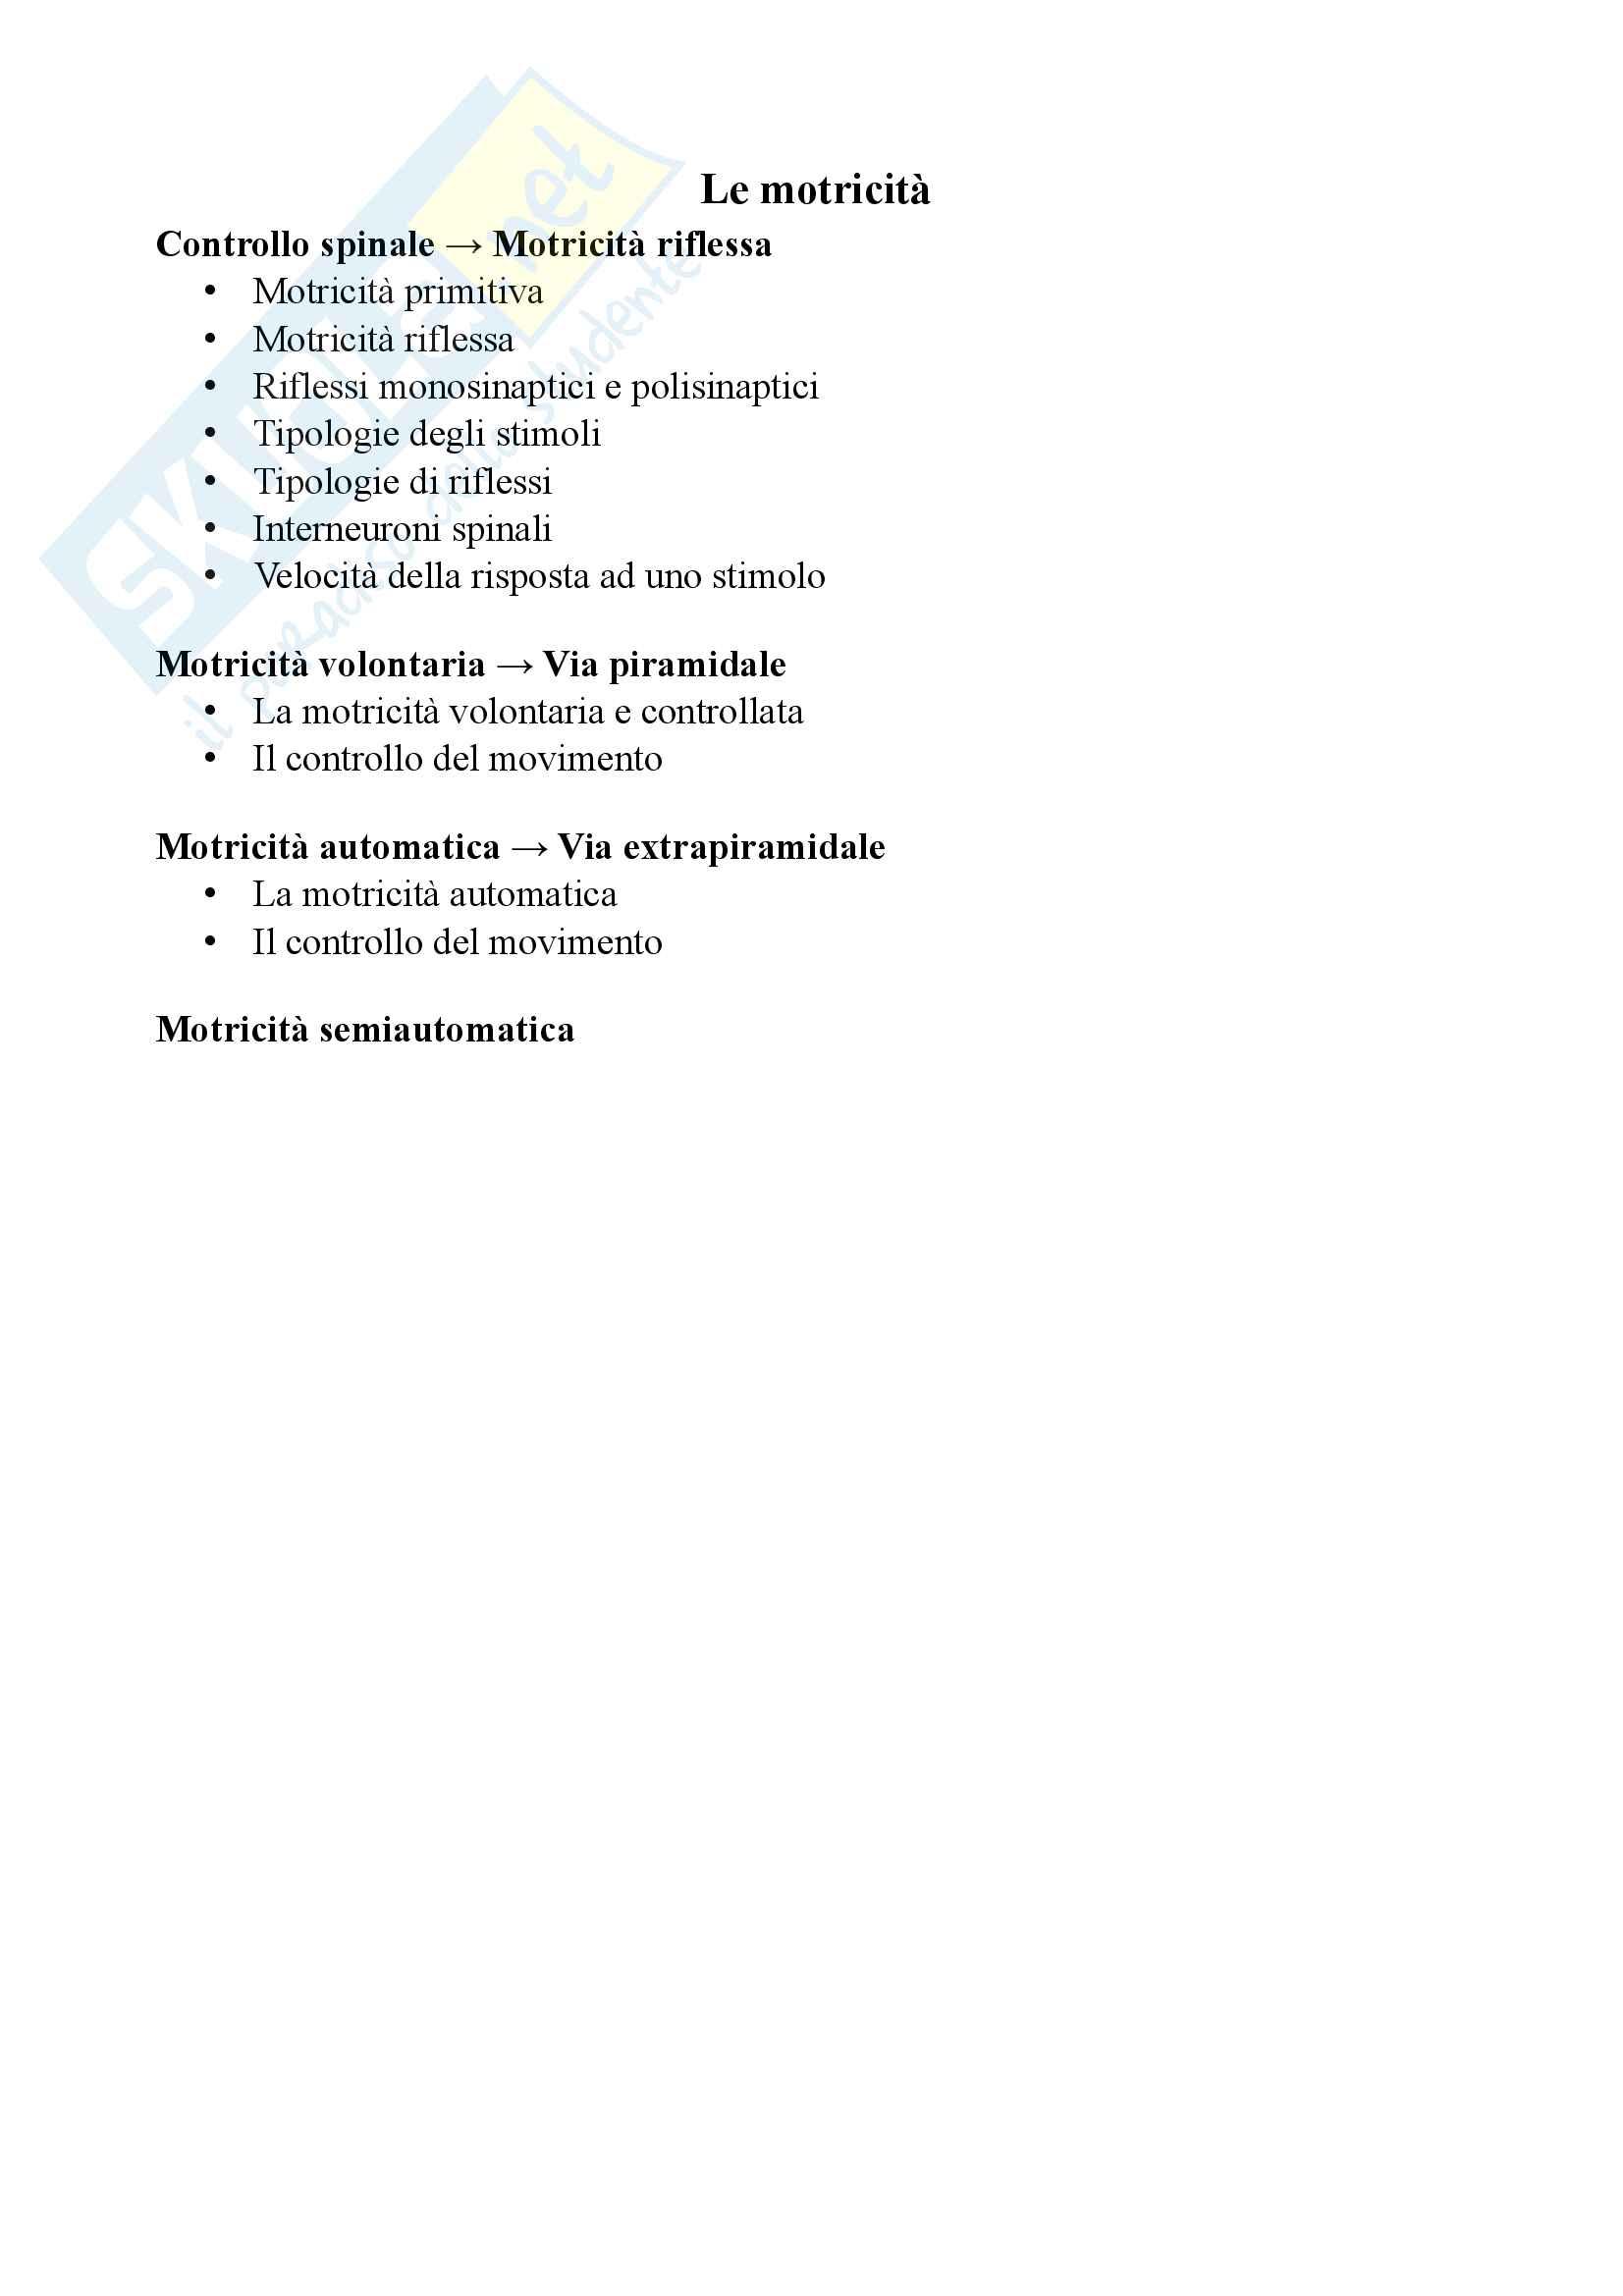 Appunti sulle motricità - Teoria e metodologia del movimento umano